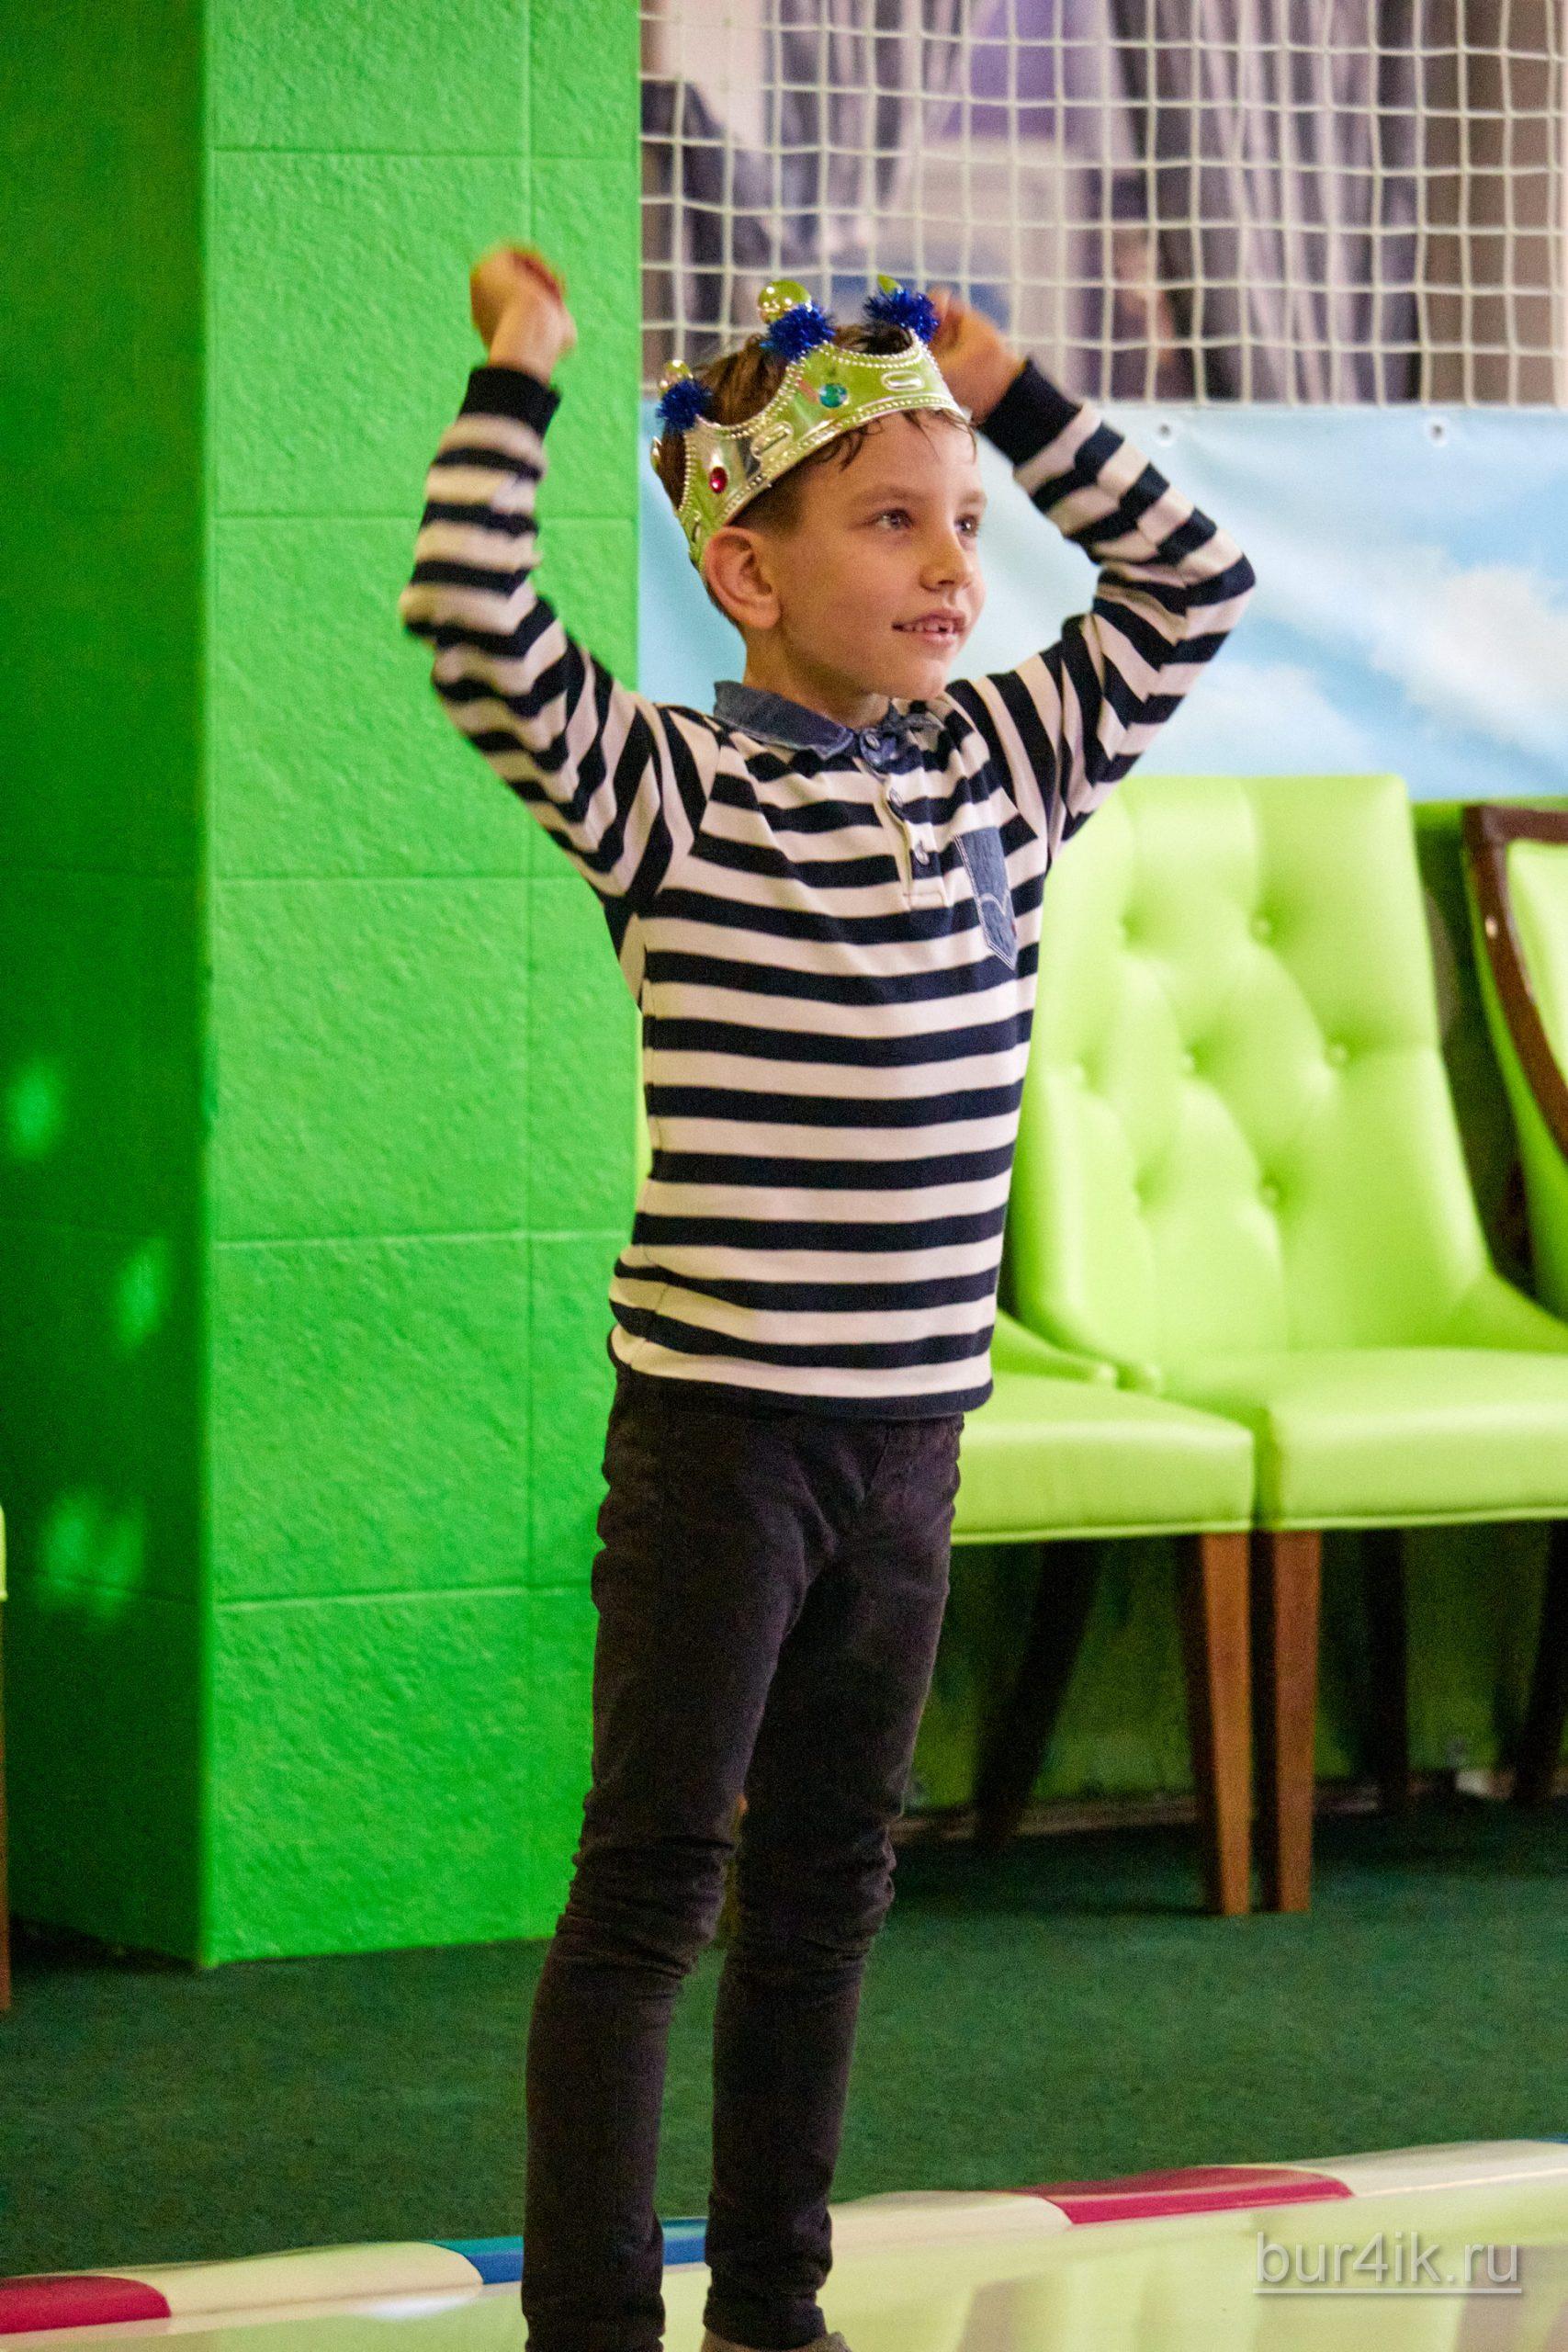 Фото Детское День Рождения в Детский Дворик 15.01.2020 №340 -photo- bur4ik.ru